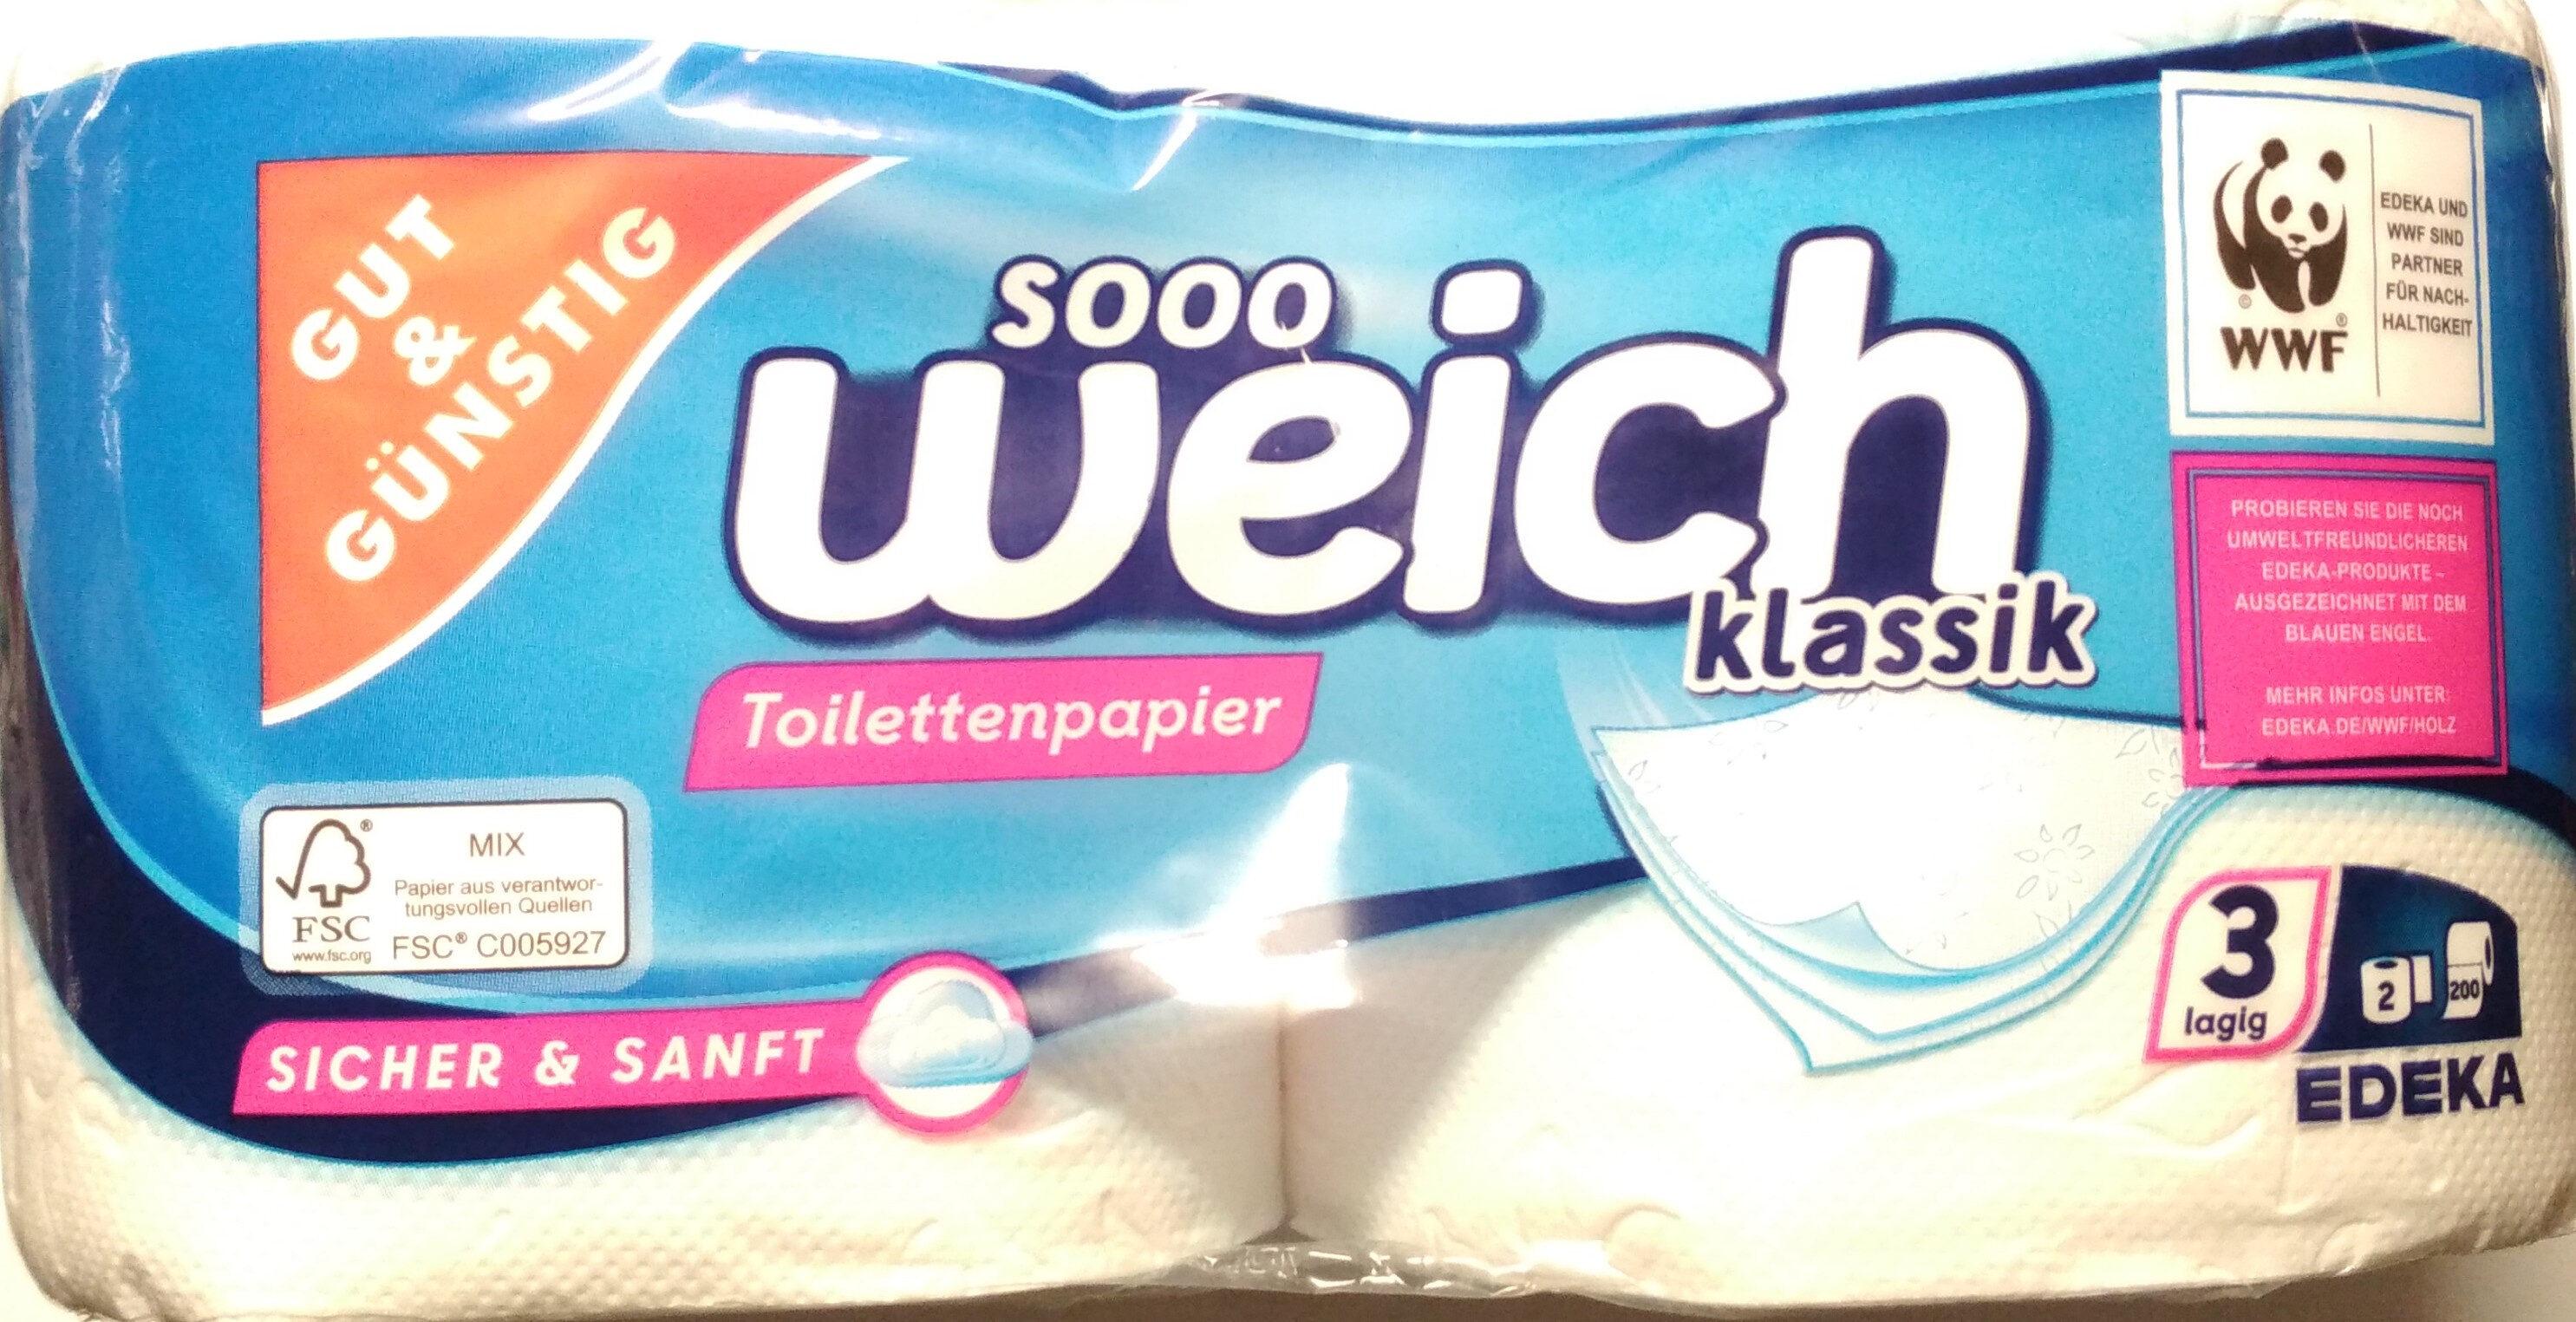 Toilettenpapier - Product - de